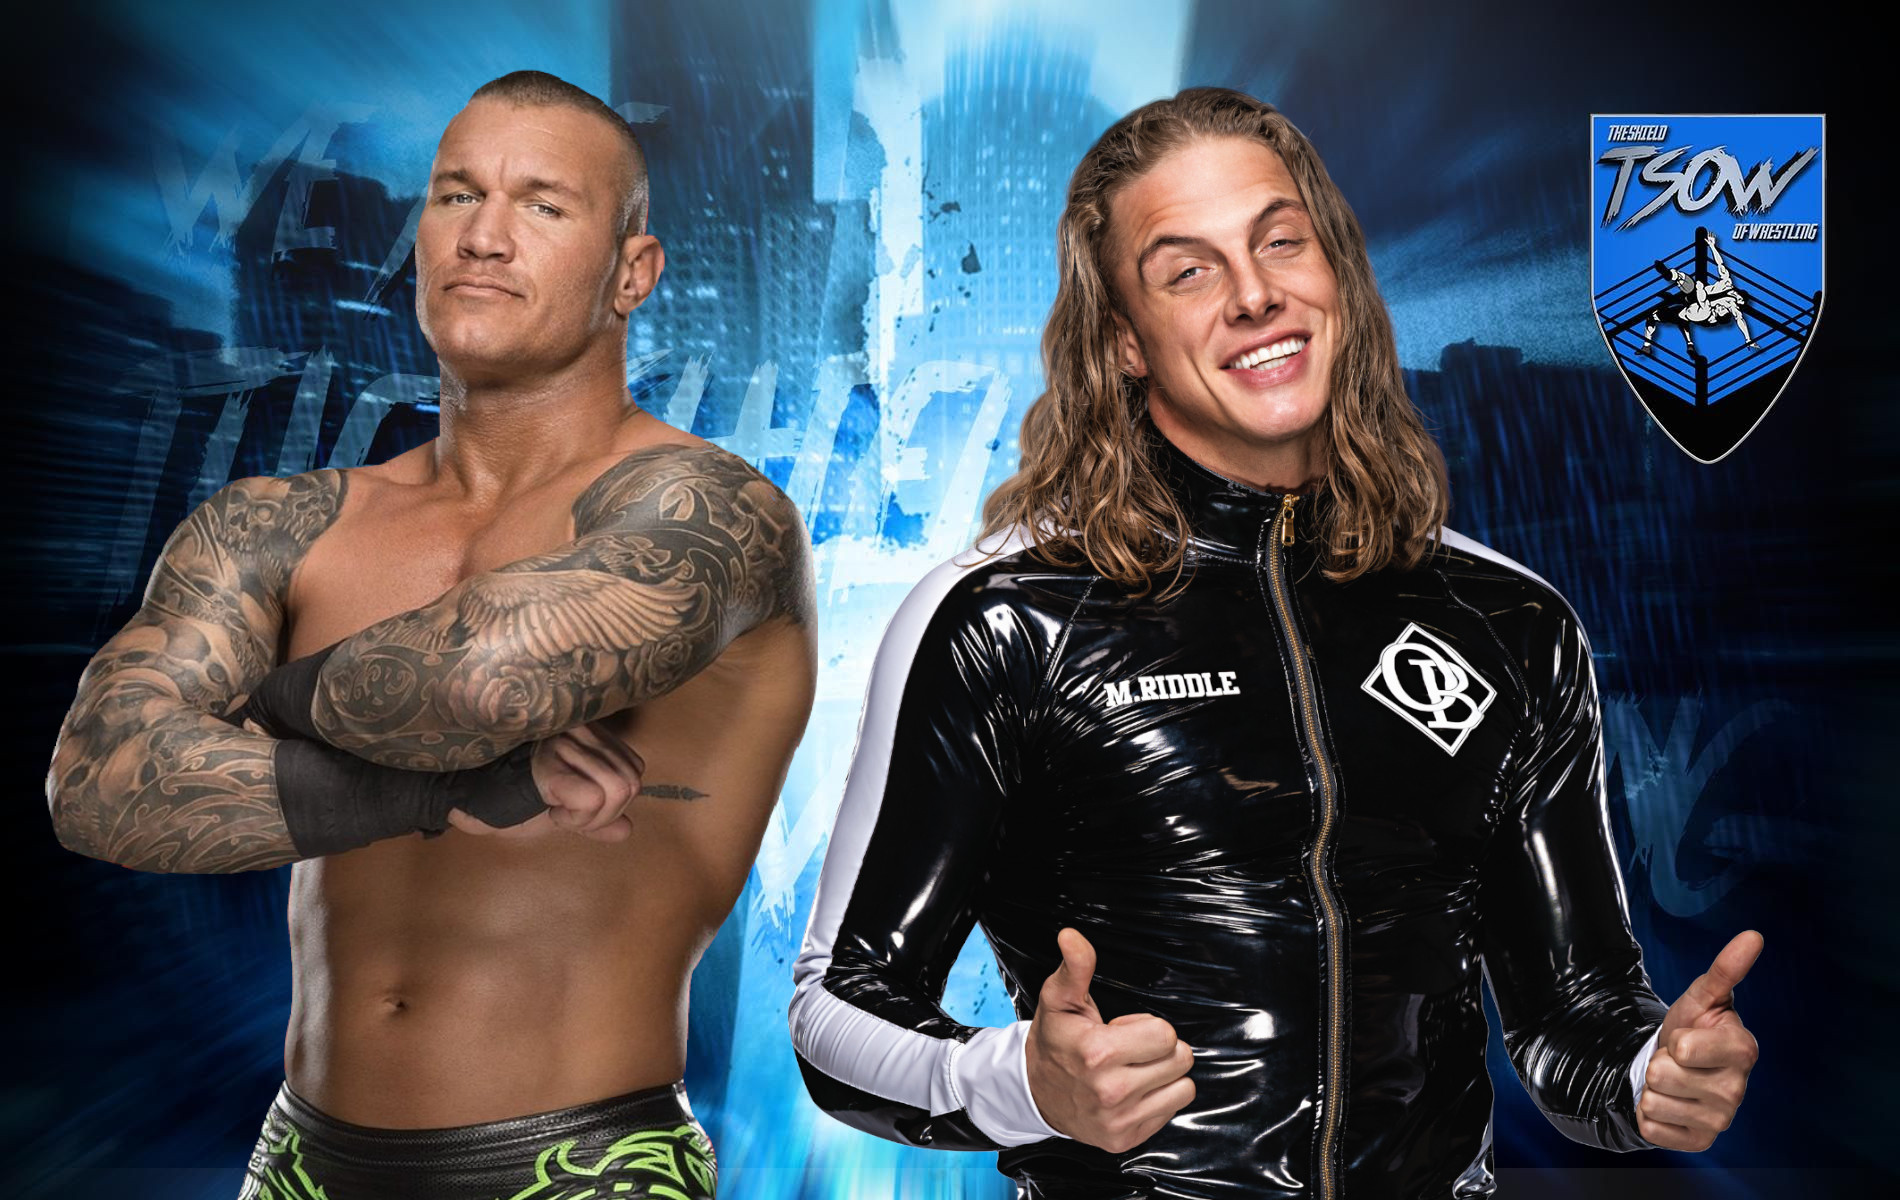 Randy Orton: ecco la sua reazione alla collaborazione con Riddle